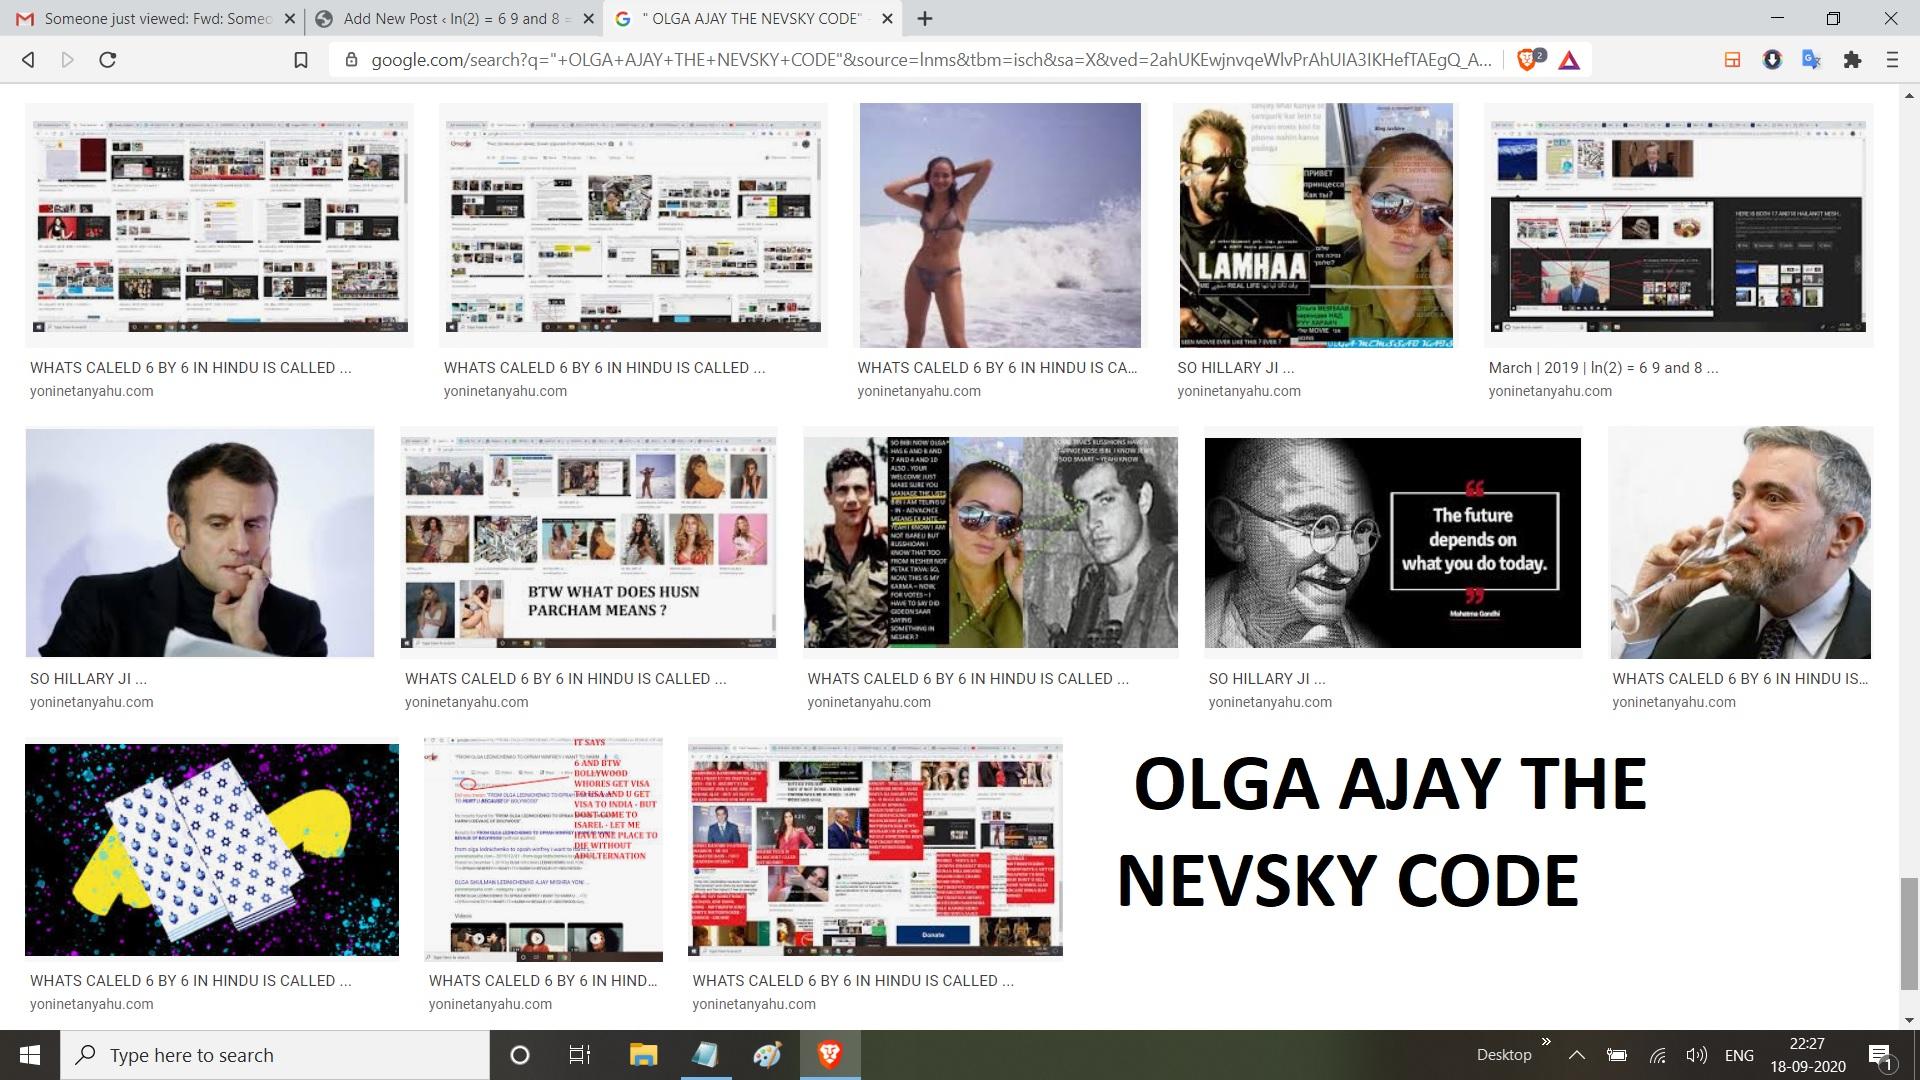 OLGA AJAY THE NEVSKY CODE